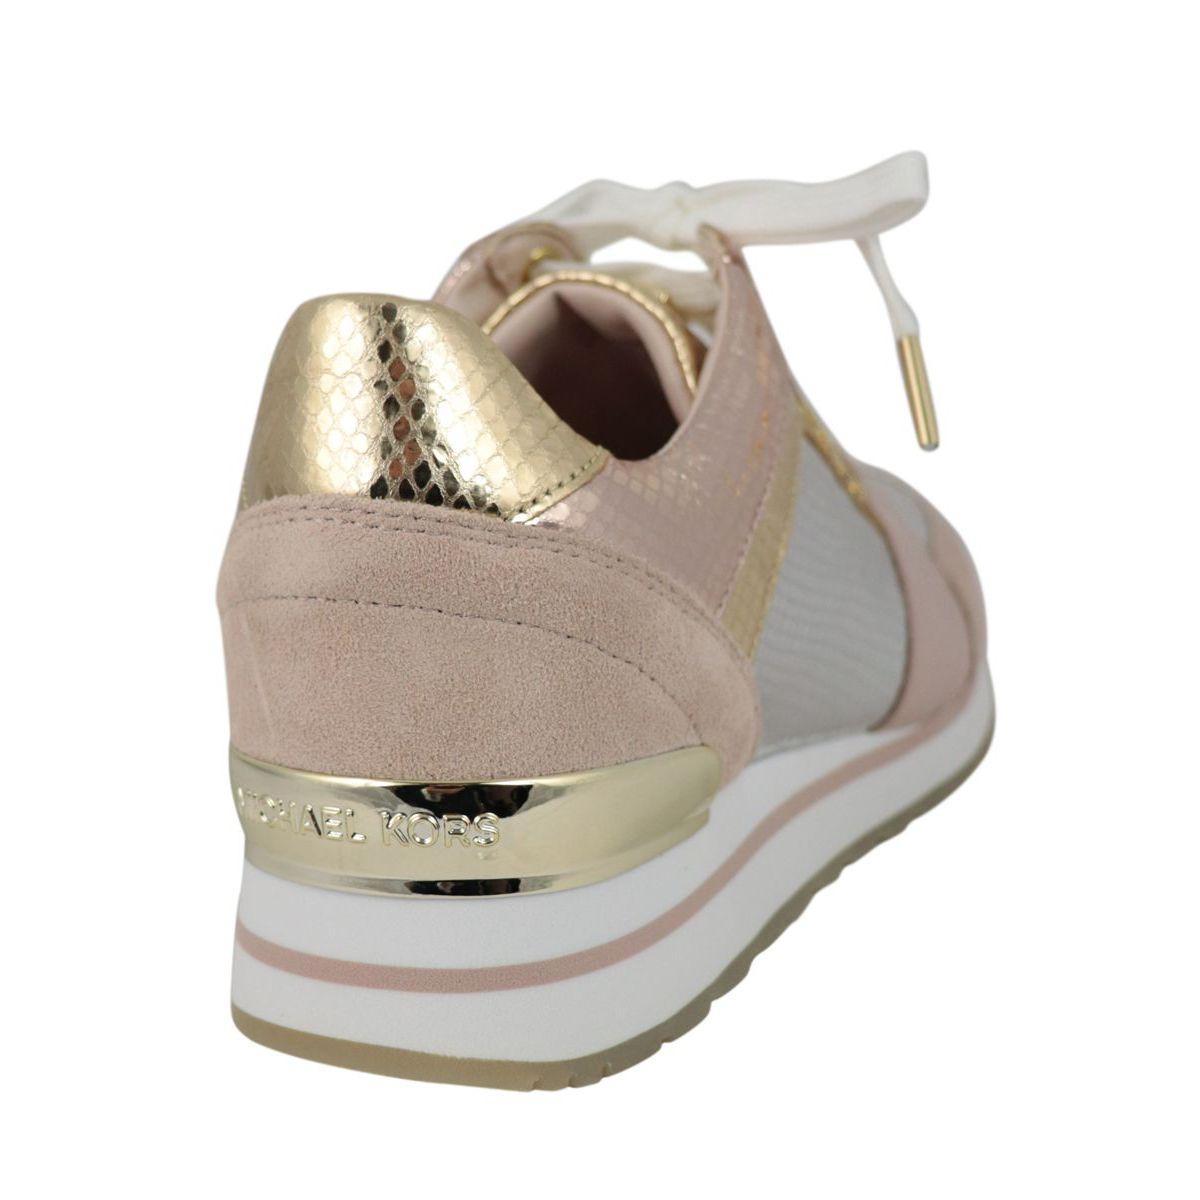 Bi-material sneakers BILLIE TRAINER Pink + arg. Michael Kors